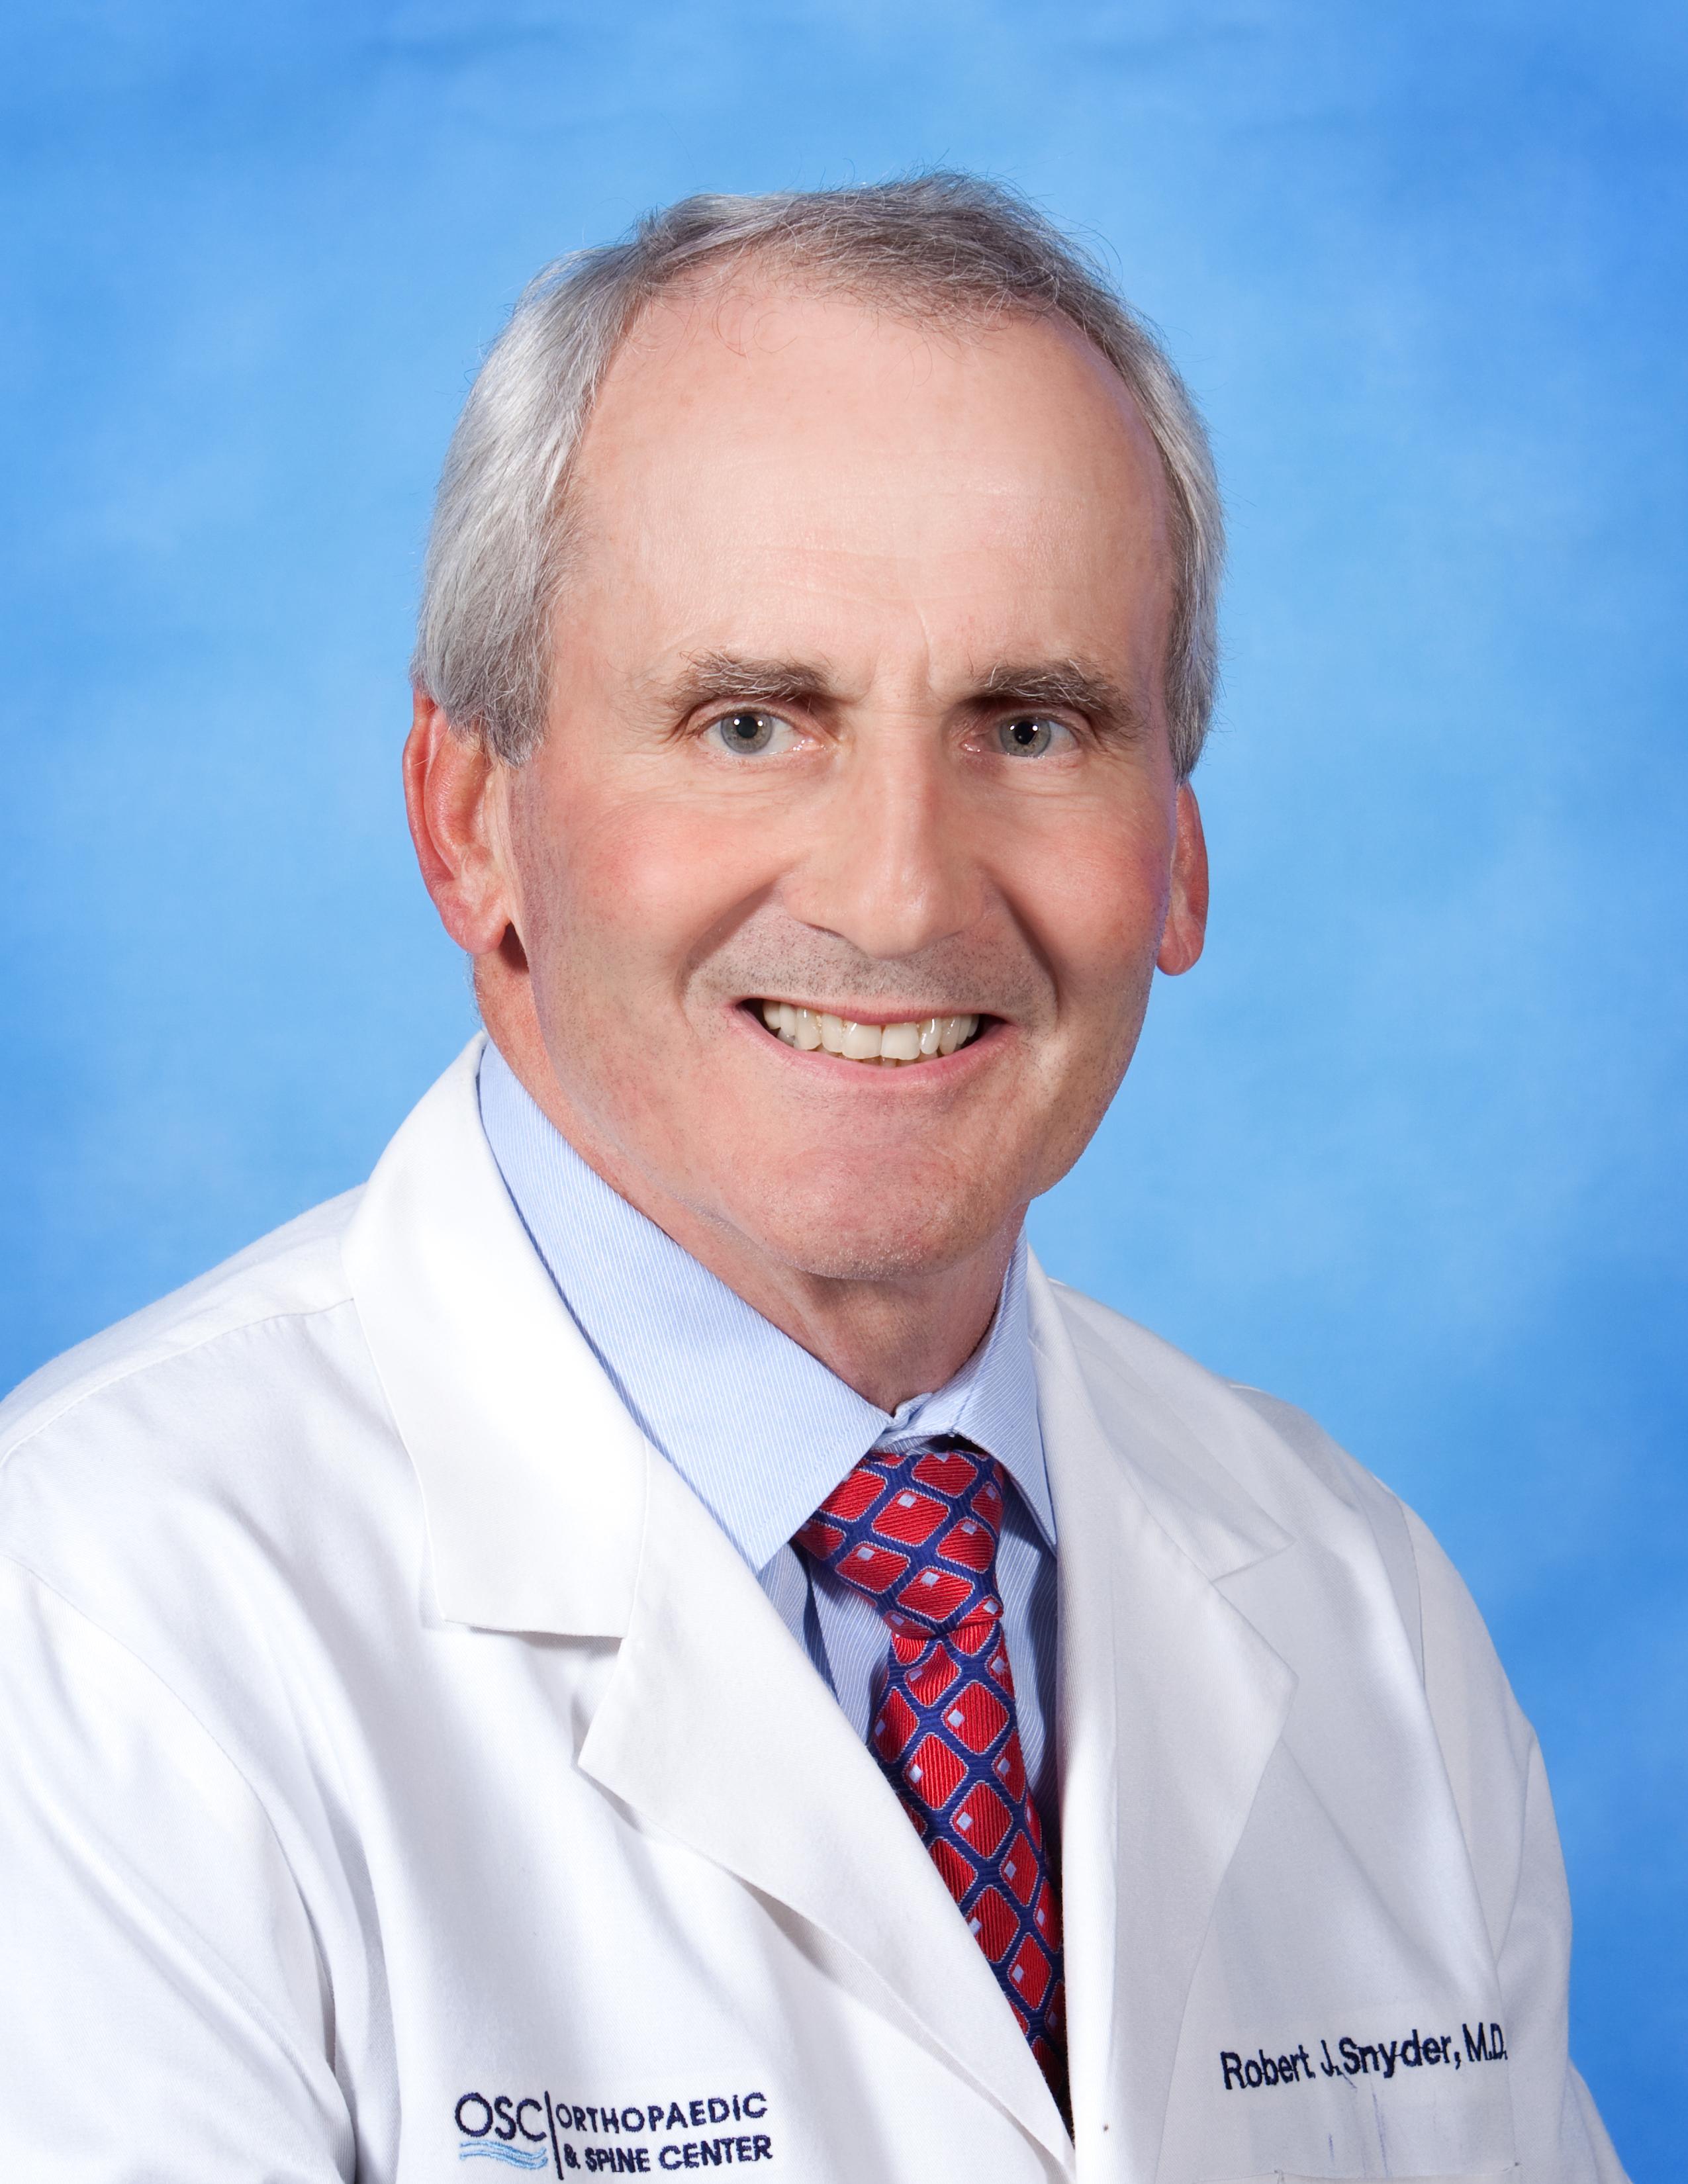 Dr. Snyder